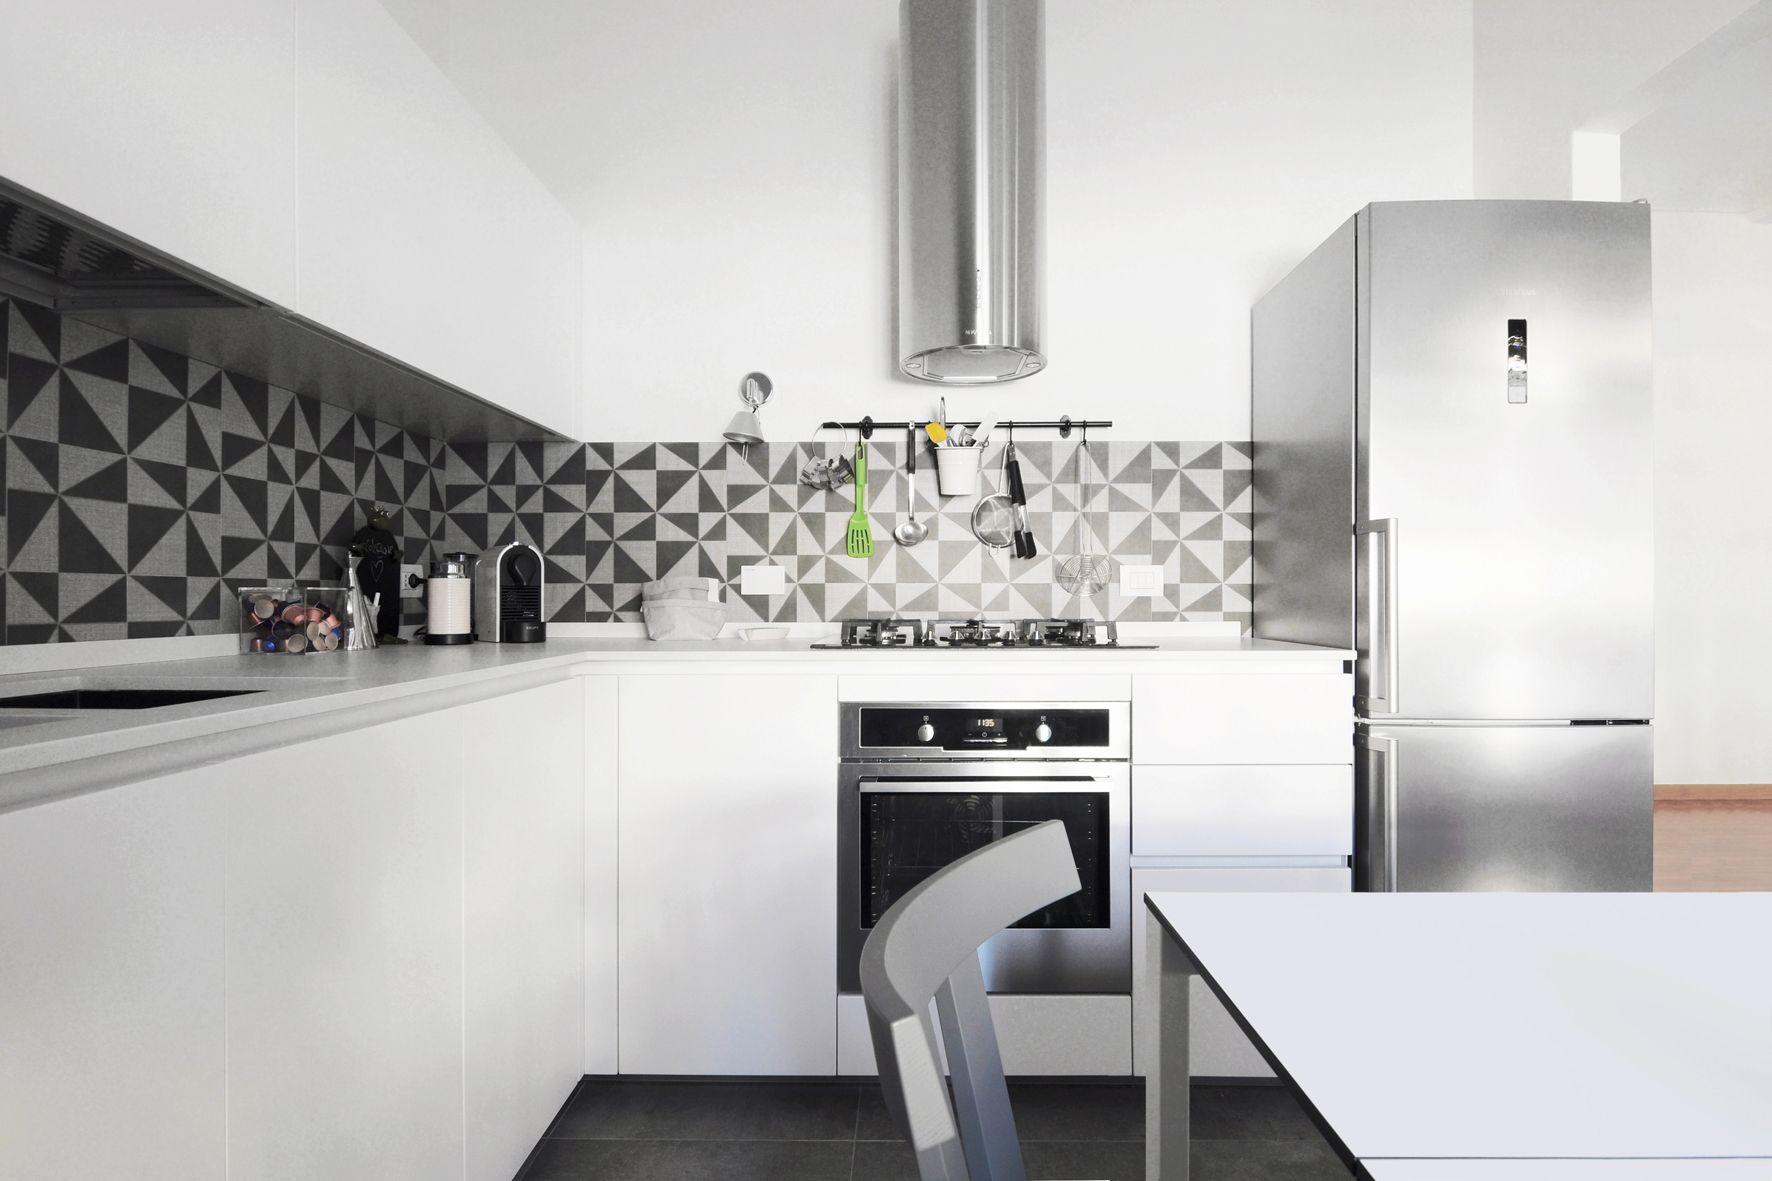 Kristalia Sedie ~ Cucina rossana modello hd23 tavolo allungabile easy sedie gray e